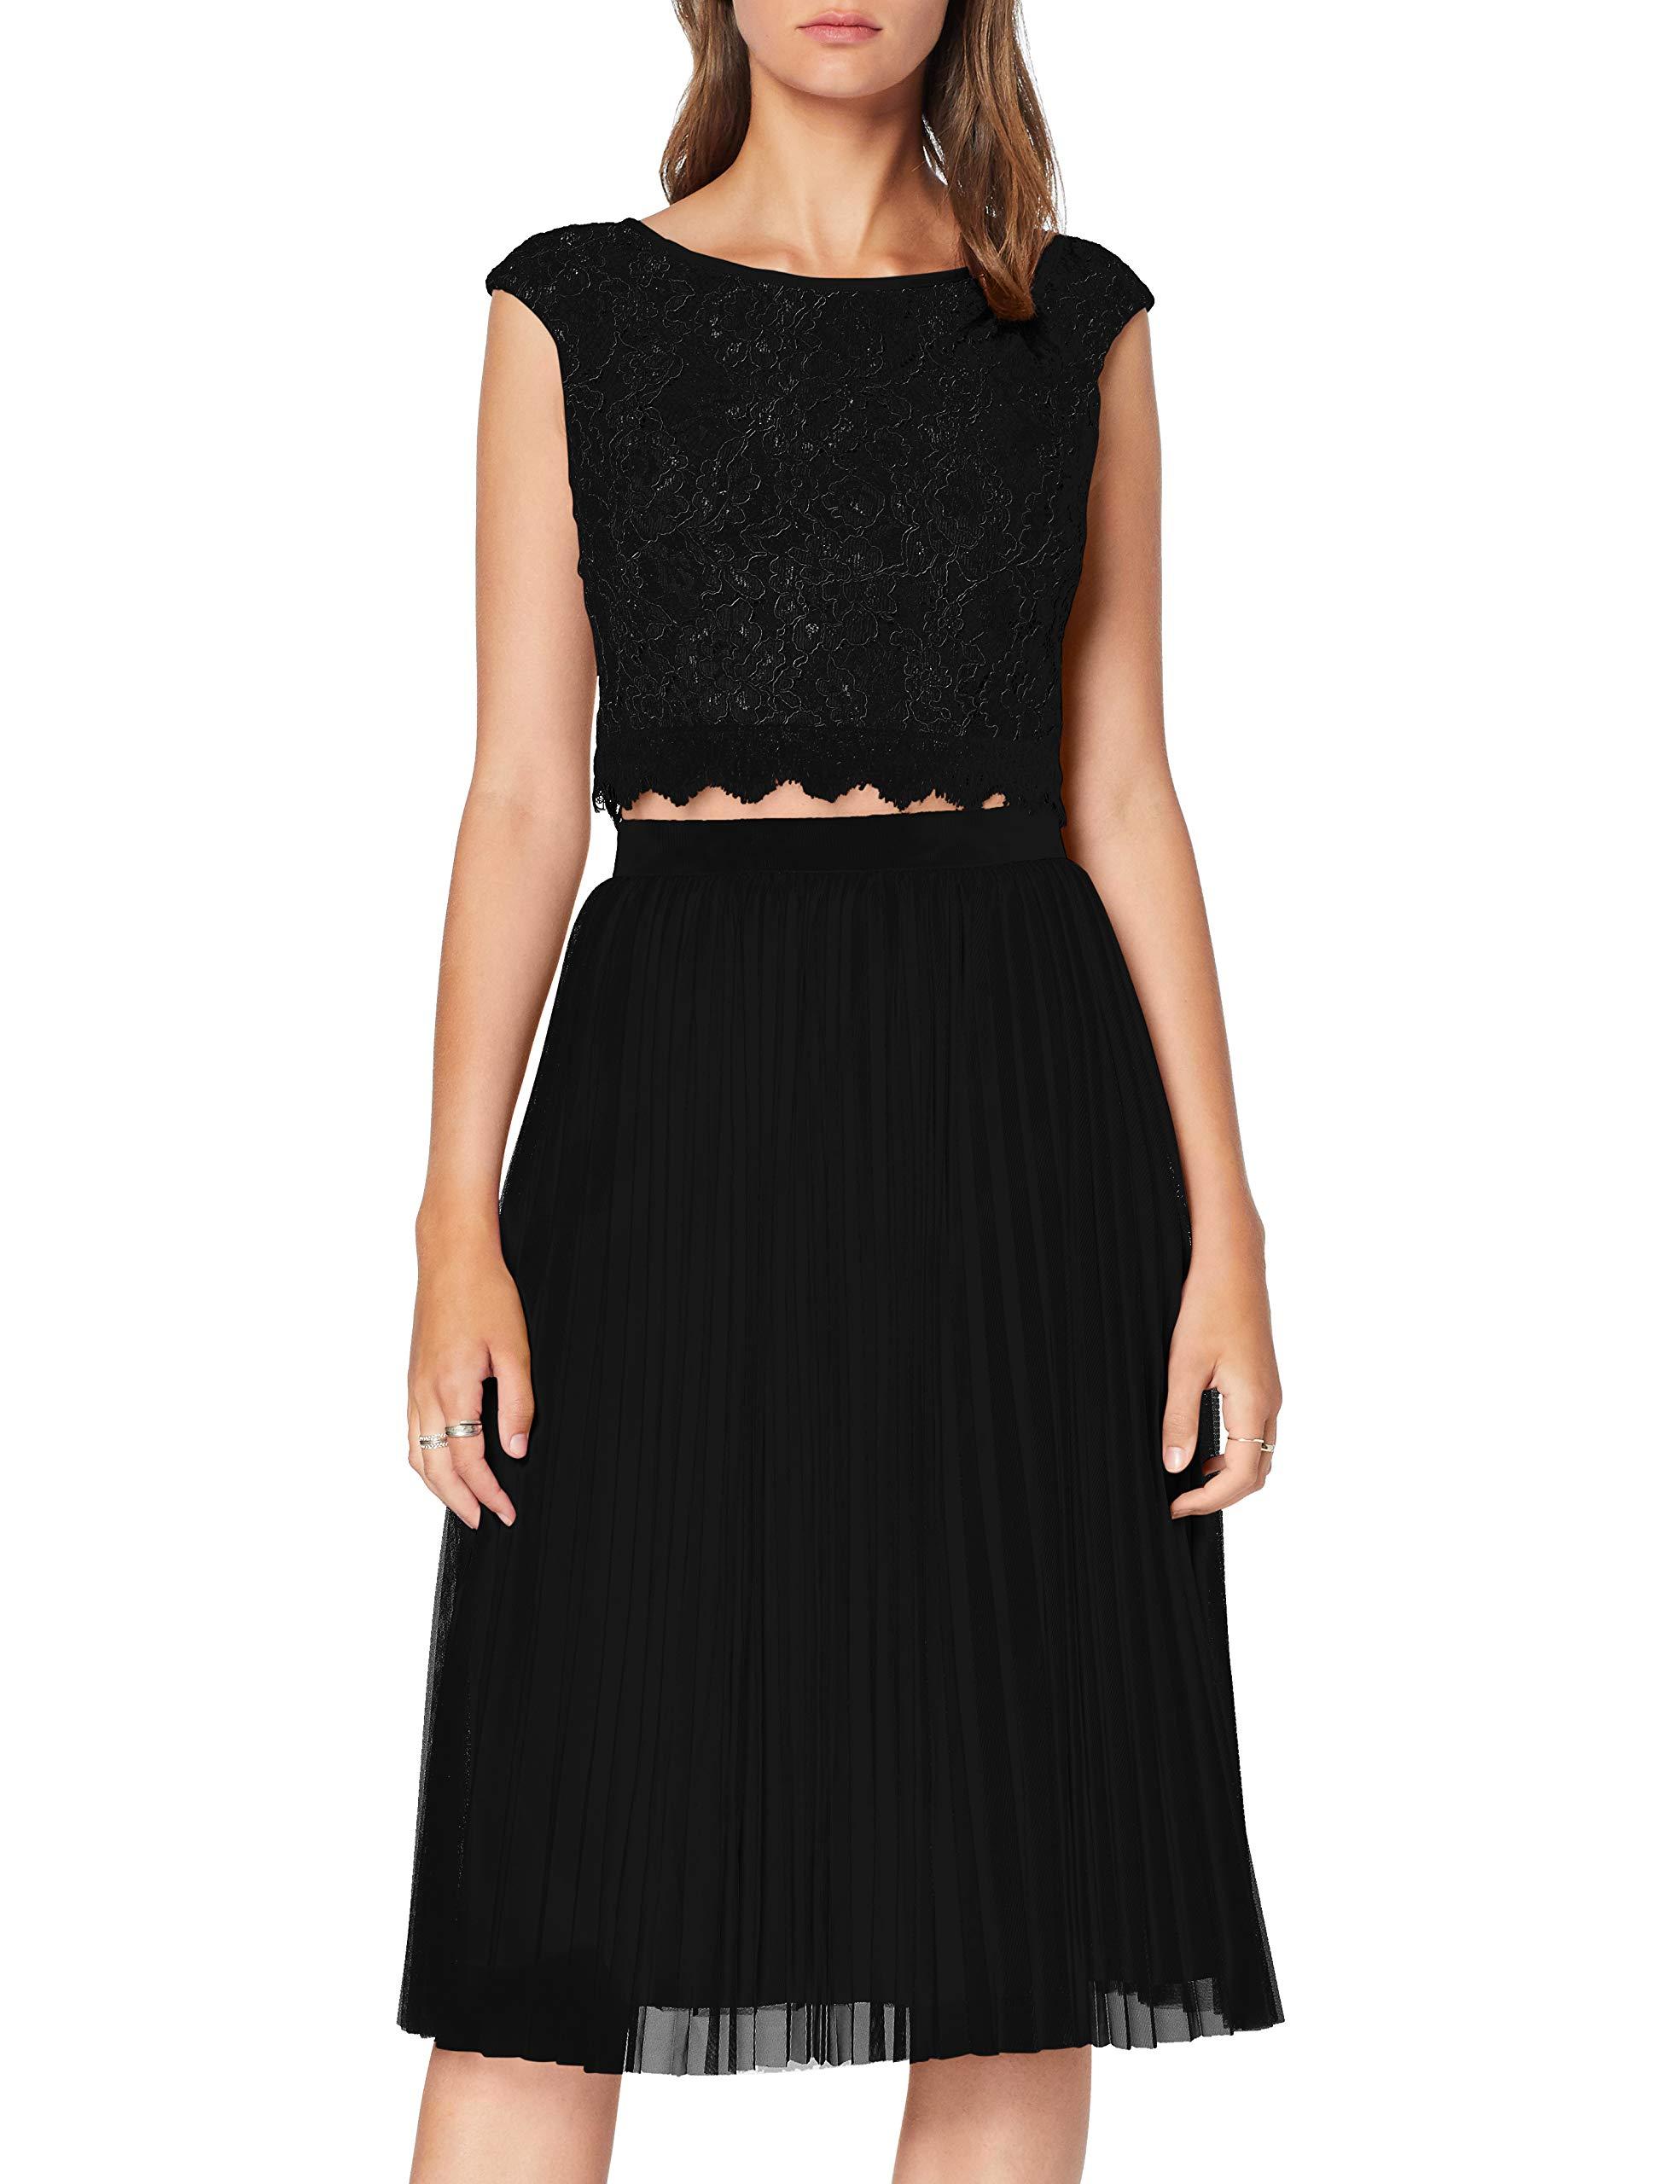 Femme small Set Jupe black Et taille LaonaCocktailla41906 12734 Top Noirblack FabricantXx FTKc1Jl3